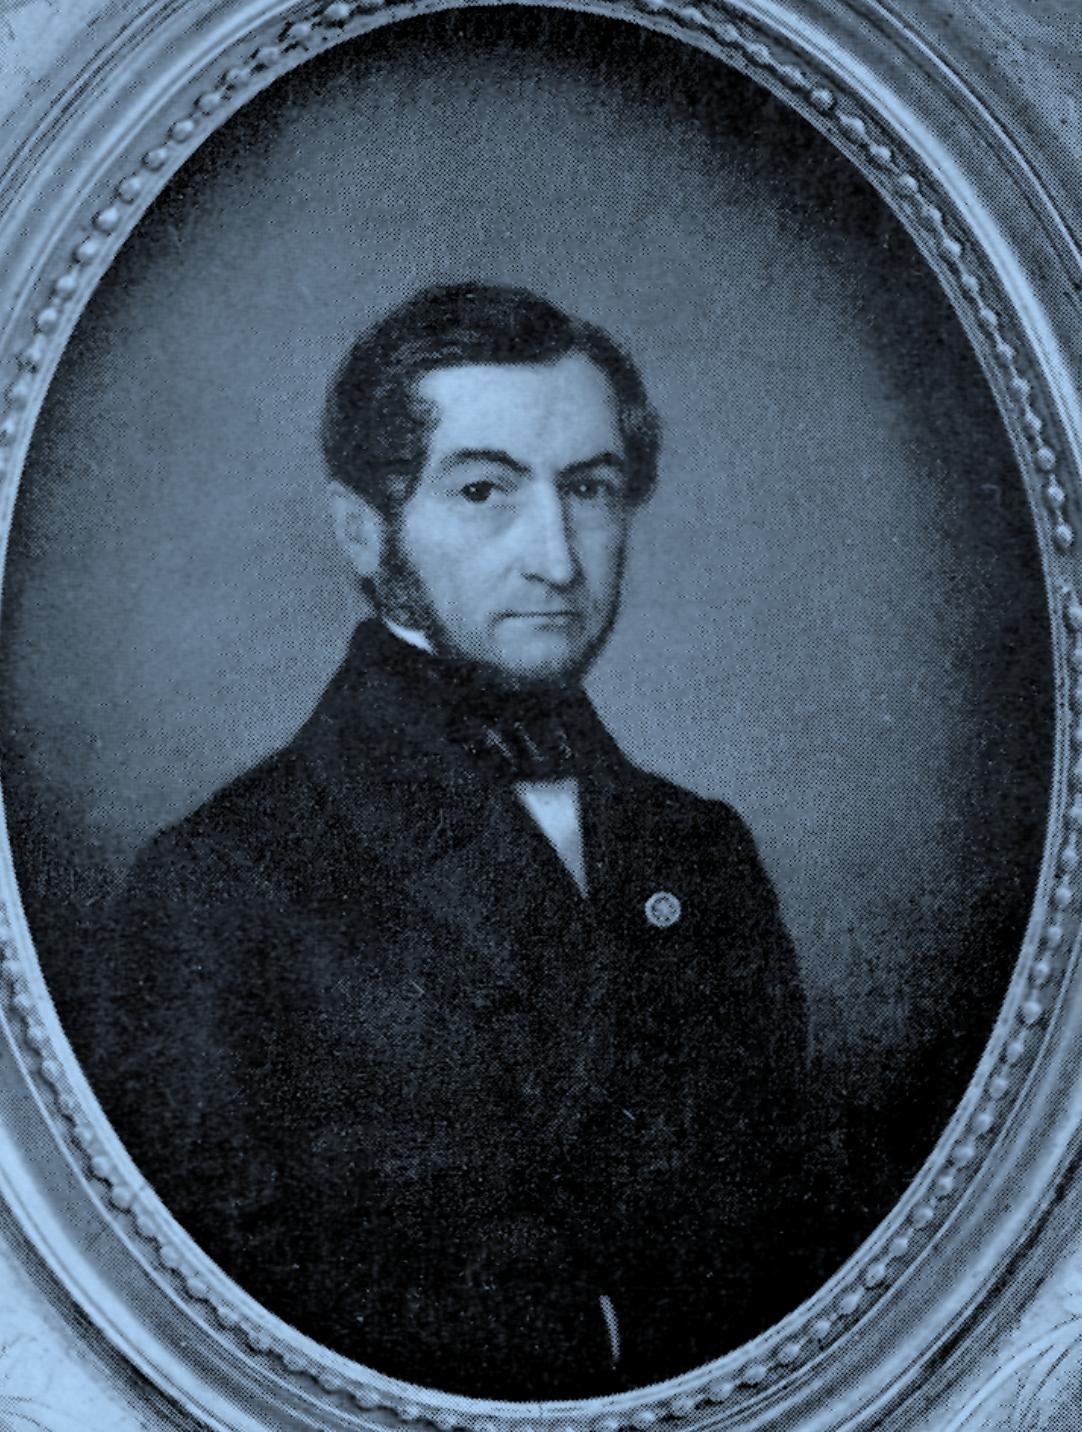 Joseph Hyacinthe Barman (1800-1885), Ministre suisse plénipotentiaire à Paris